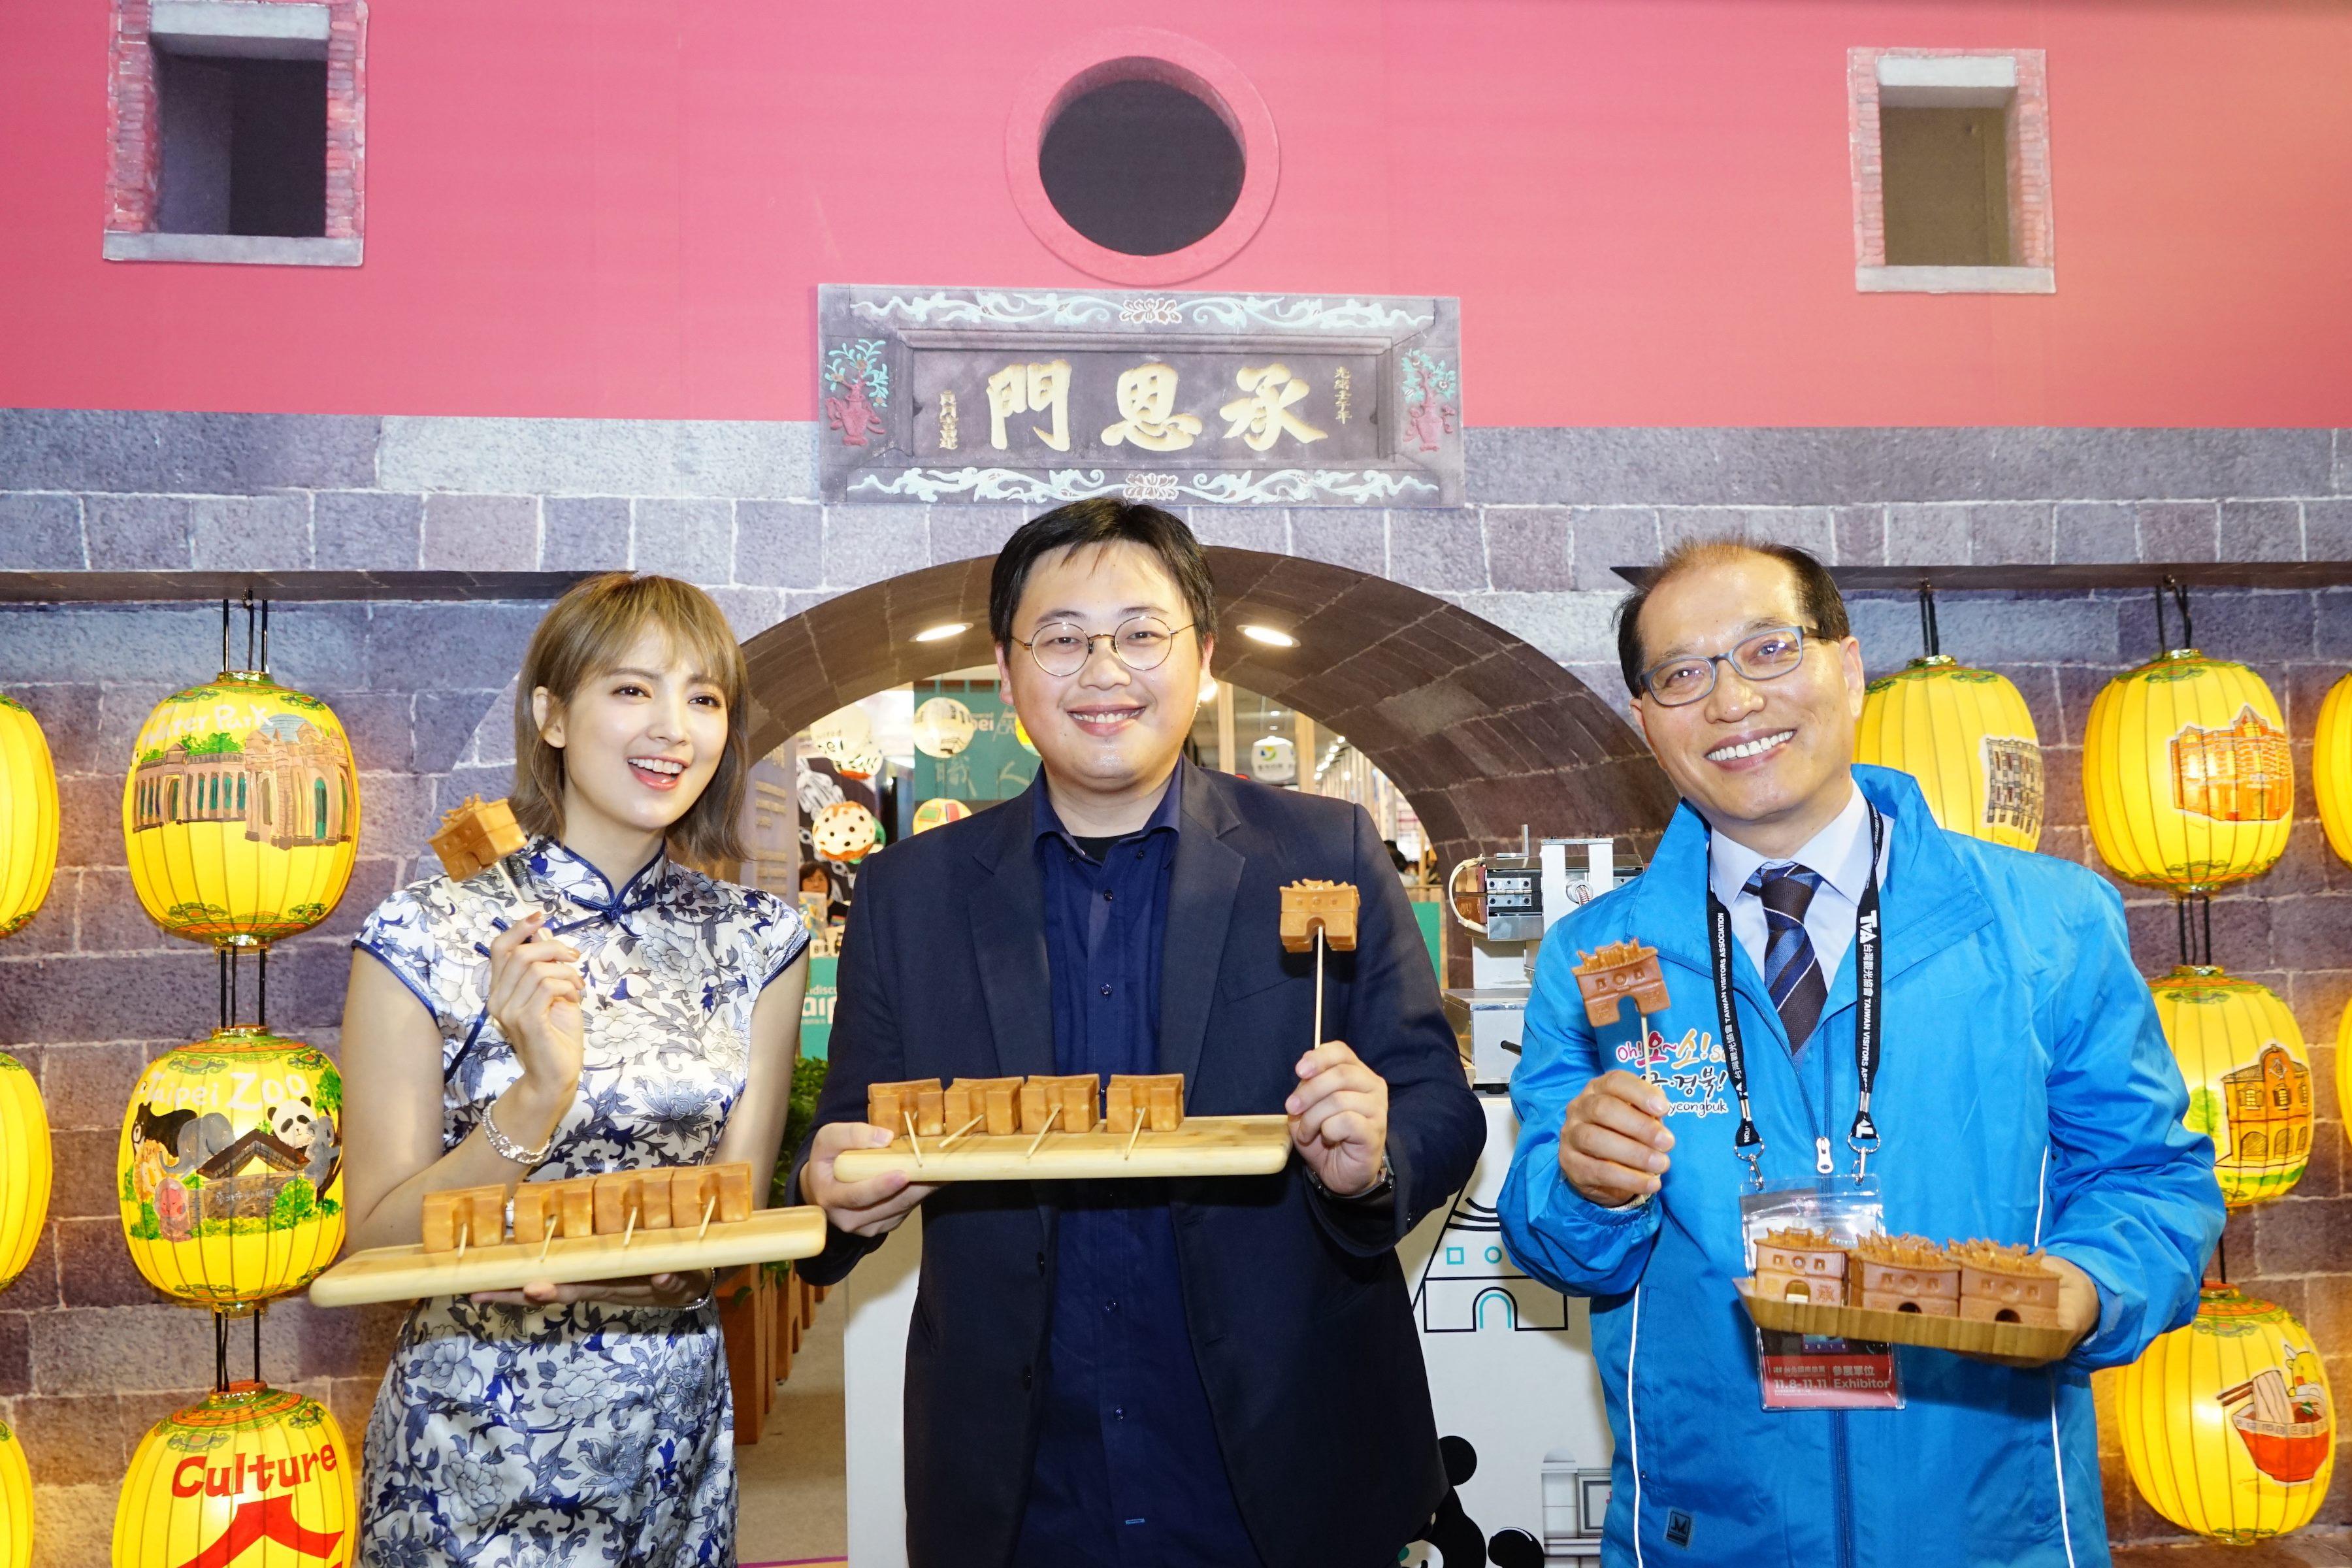 臺北館特別推出承恩門造型雞蛋糕吸引民眾目光